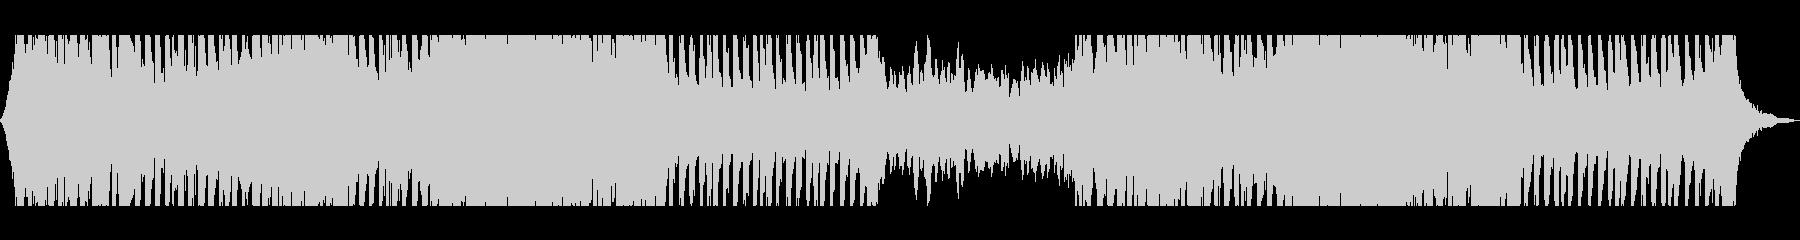 フルオーケストラ+生ドラム/バトル戦の未再生の波形